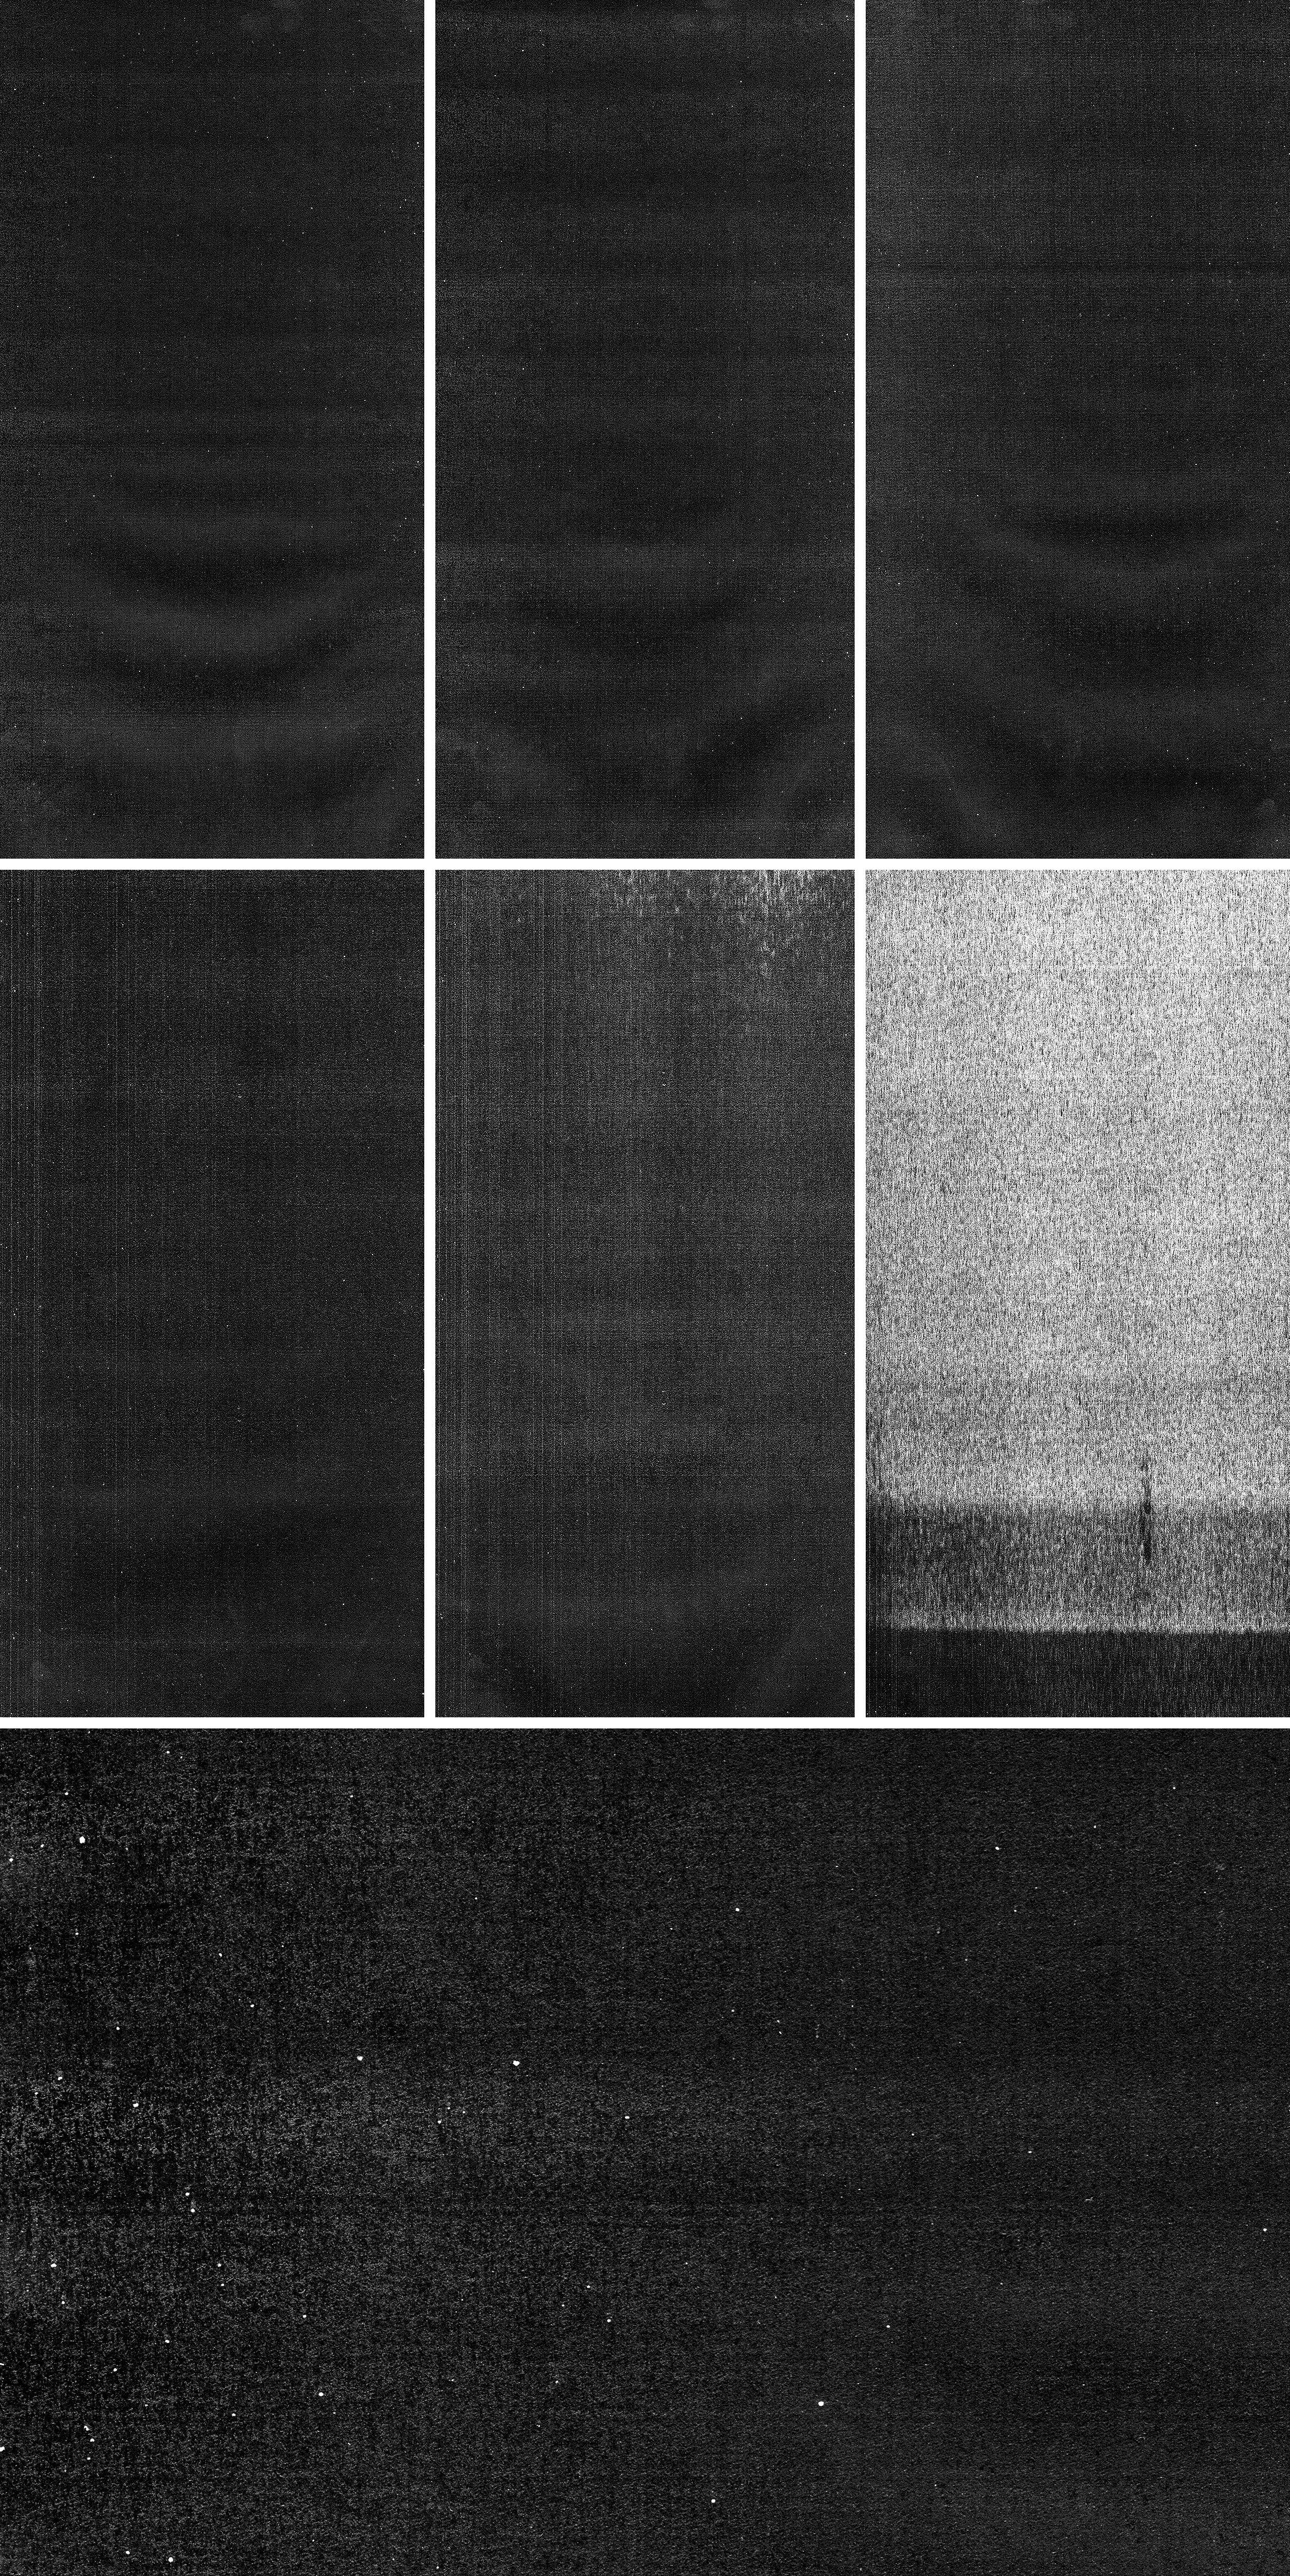 The shop photocopy noise textures prvs rev 02 01